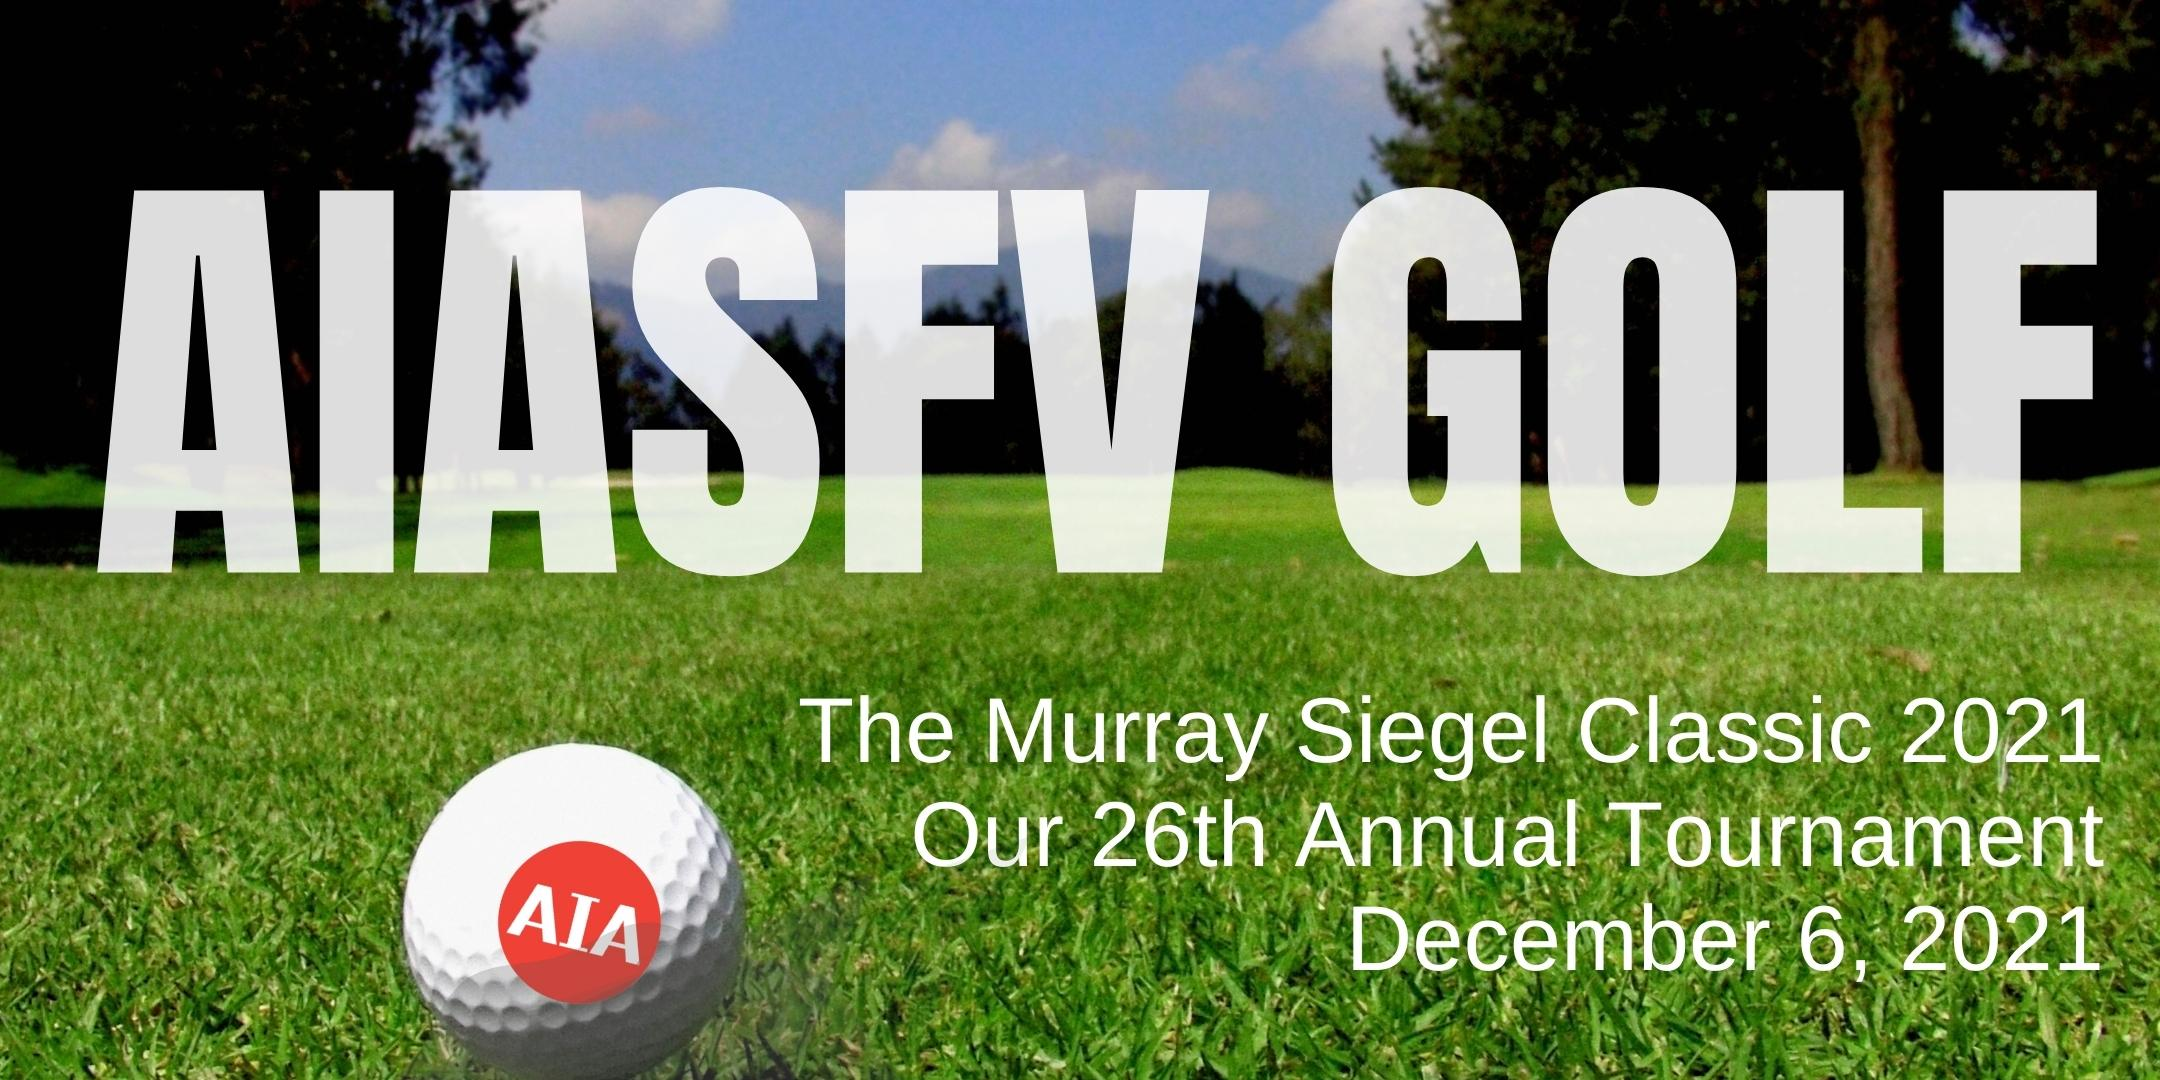 AIASFV Golf Tournament: Murray Siegel Classic 2021